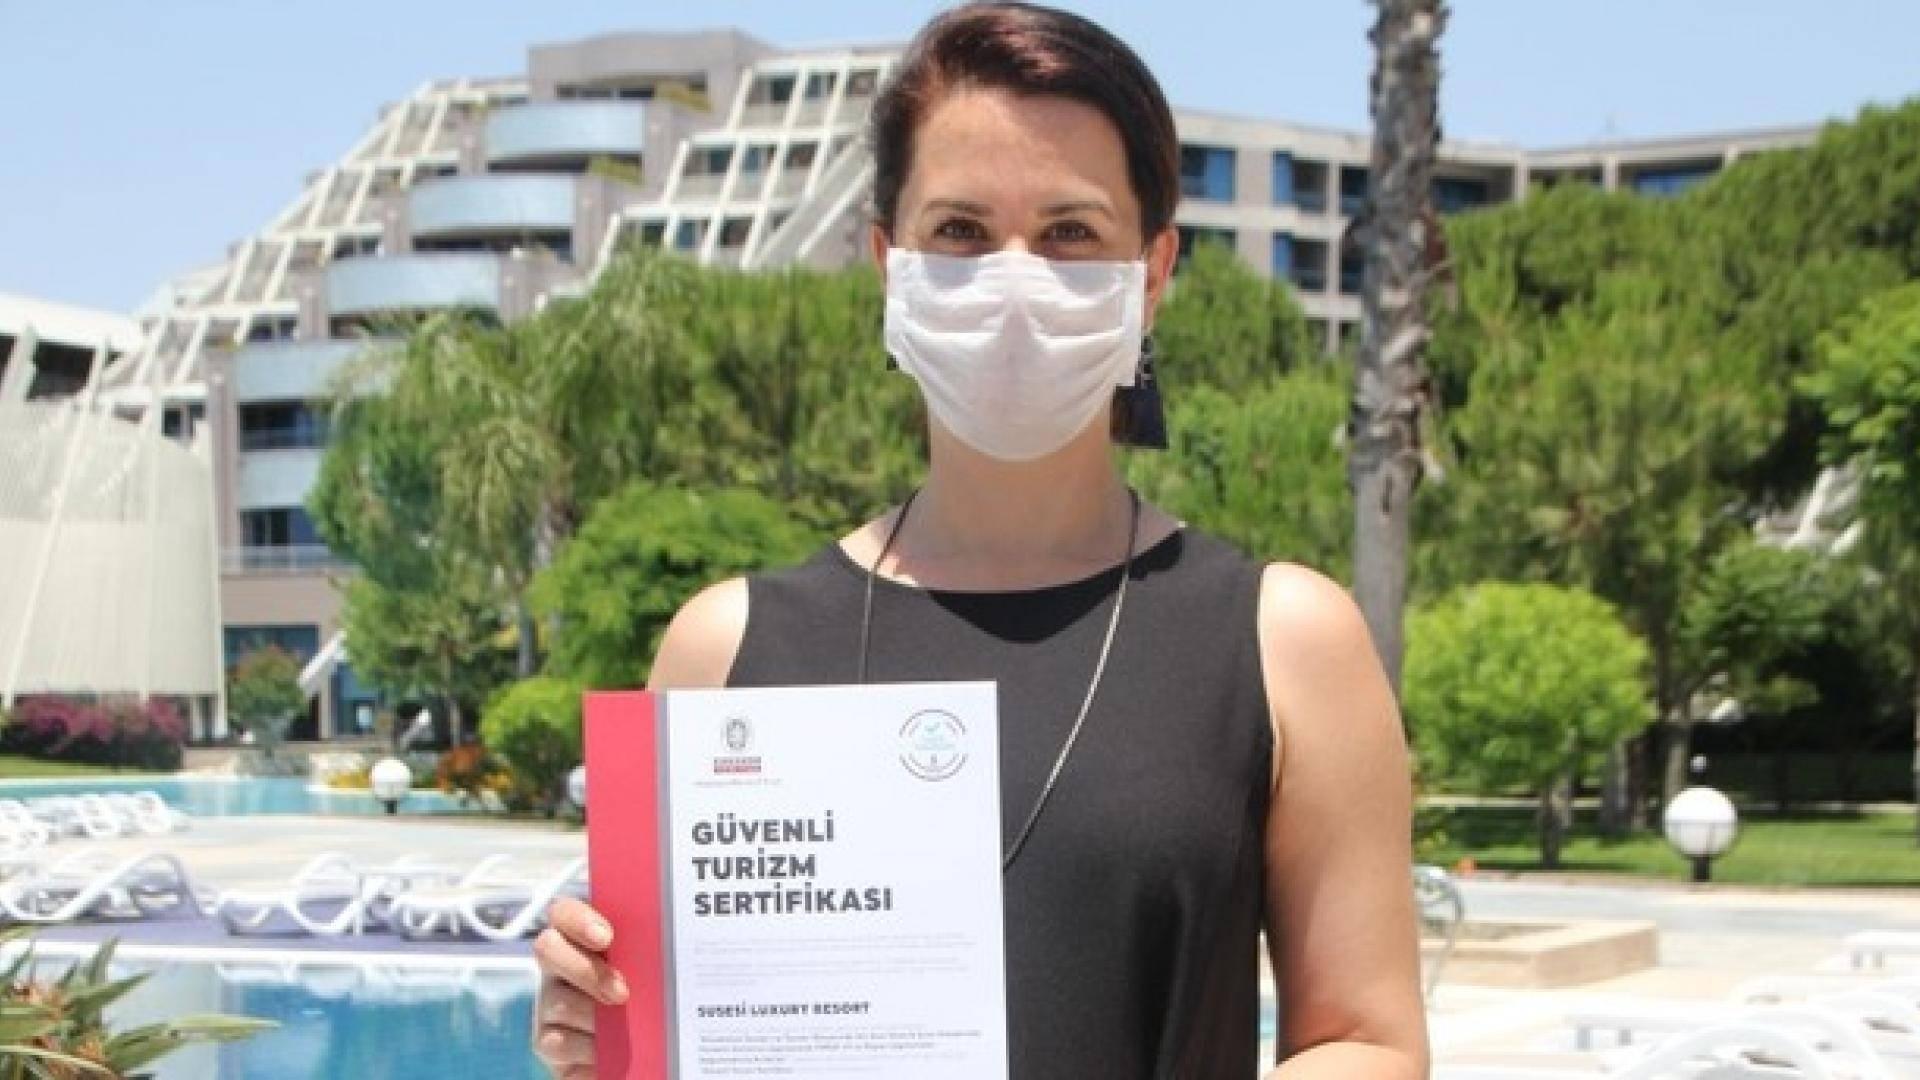 Отели турции, получившие сертификат здоровья в 2021 году | tripex